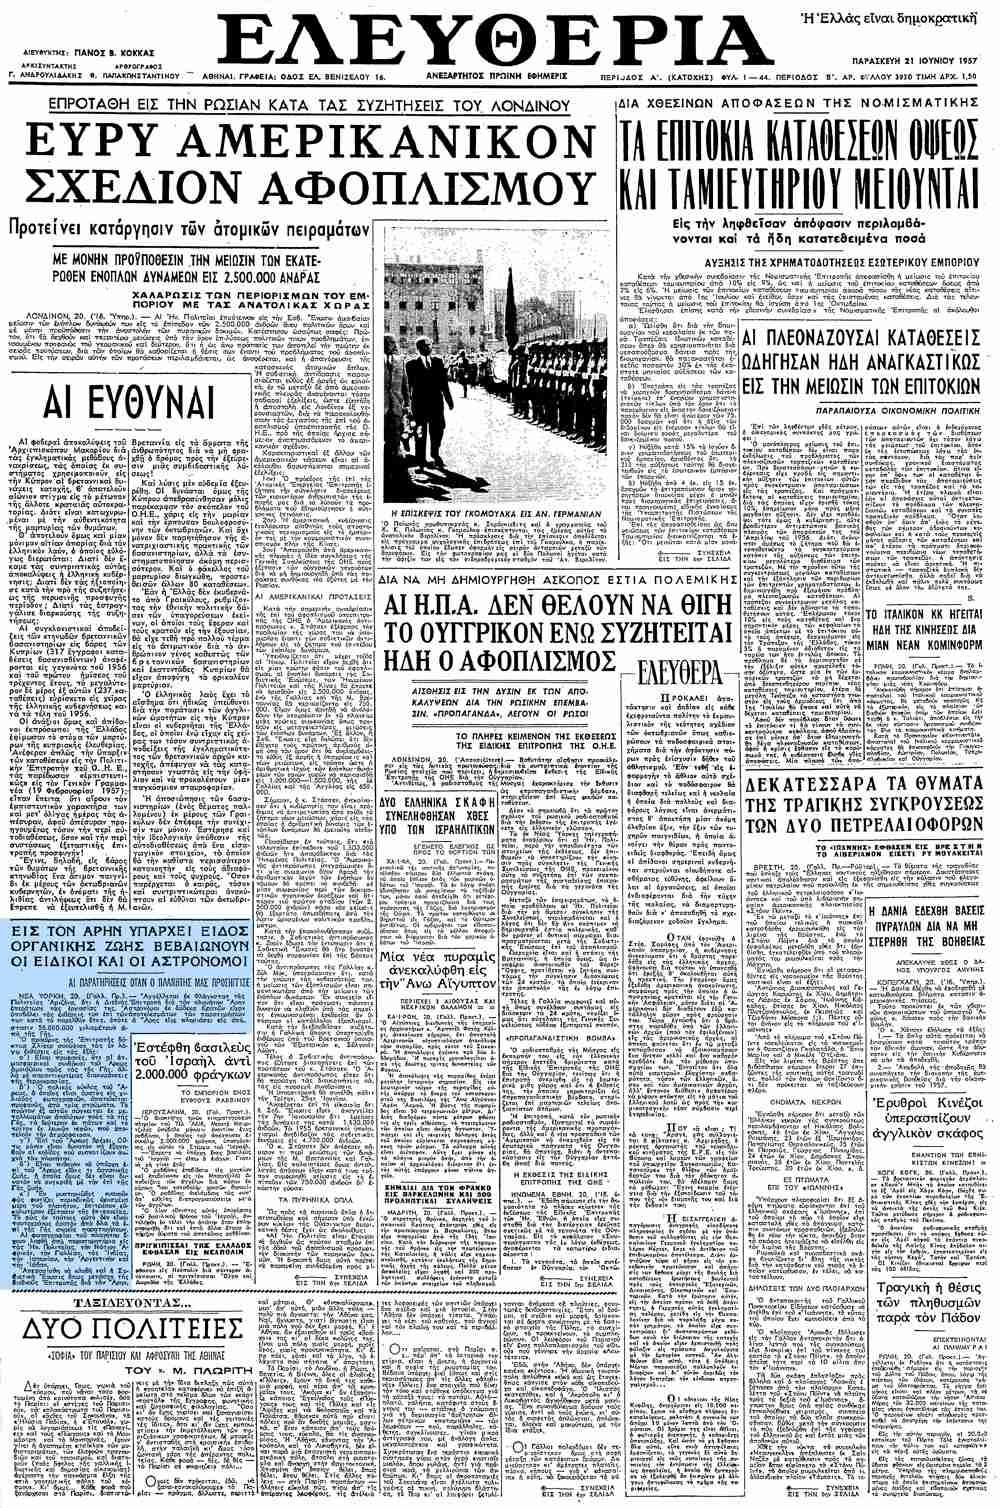 """Το άρθρο, όπως δημοσιεύθηκε στην εφημερίδα """"ΕΛΕΥΘΕΡΙΑ"""", στις 21/06/1957"""